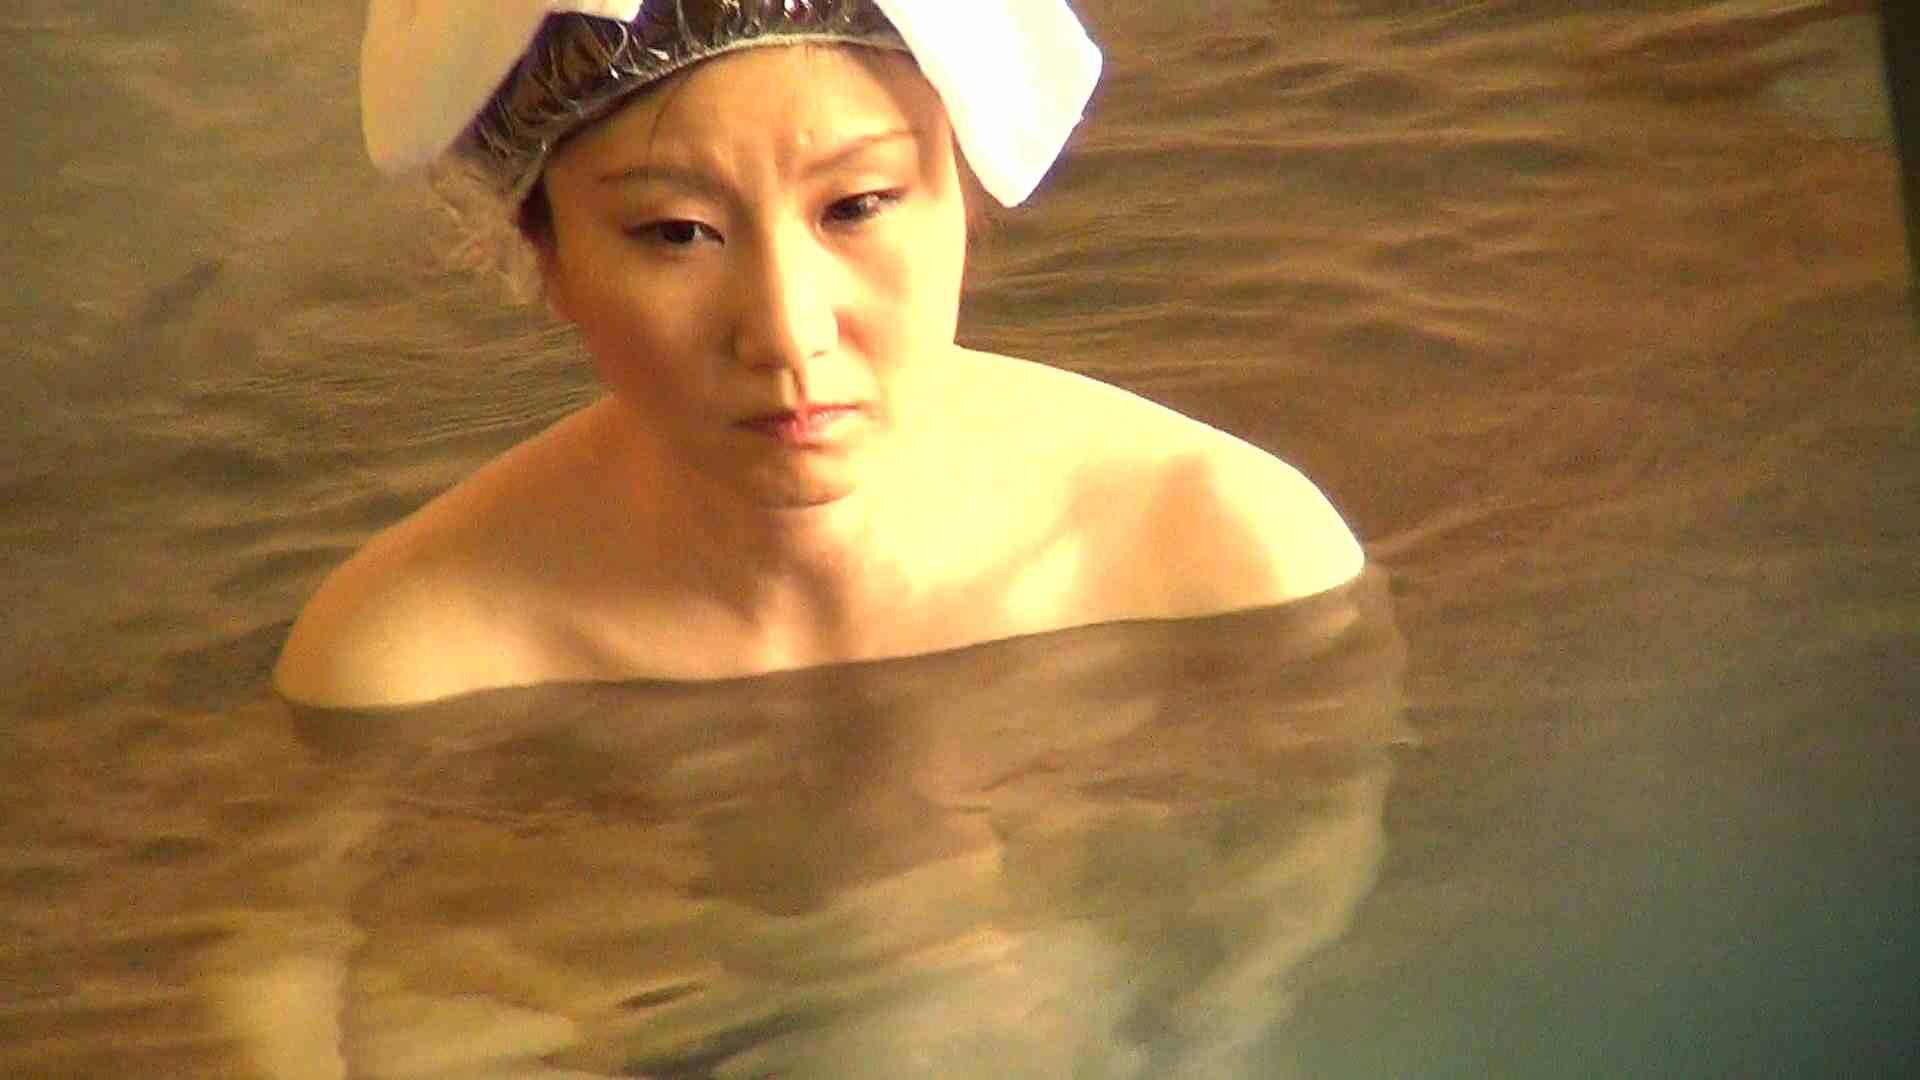 Aquaな露天風呂Vol.278 盗撮 | 露天  100画像 61